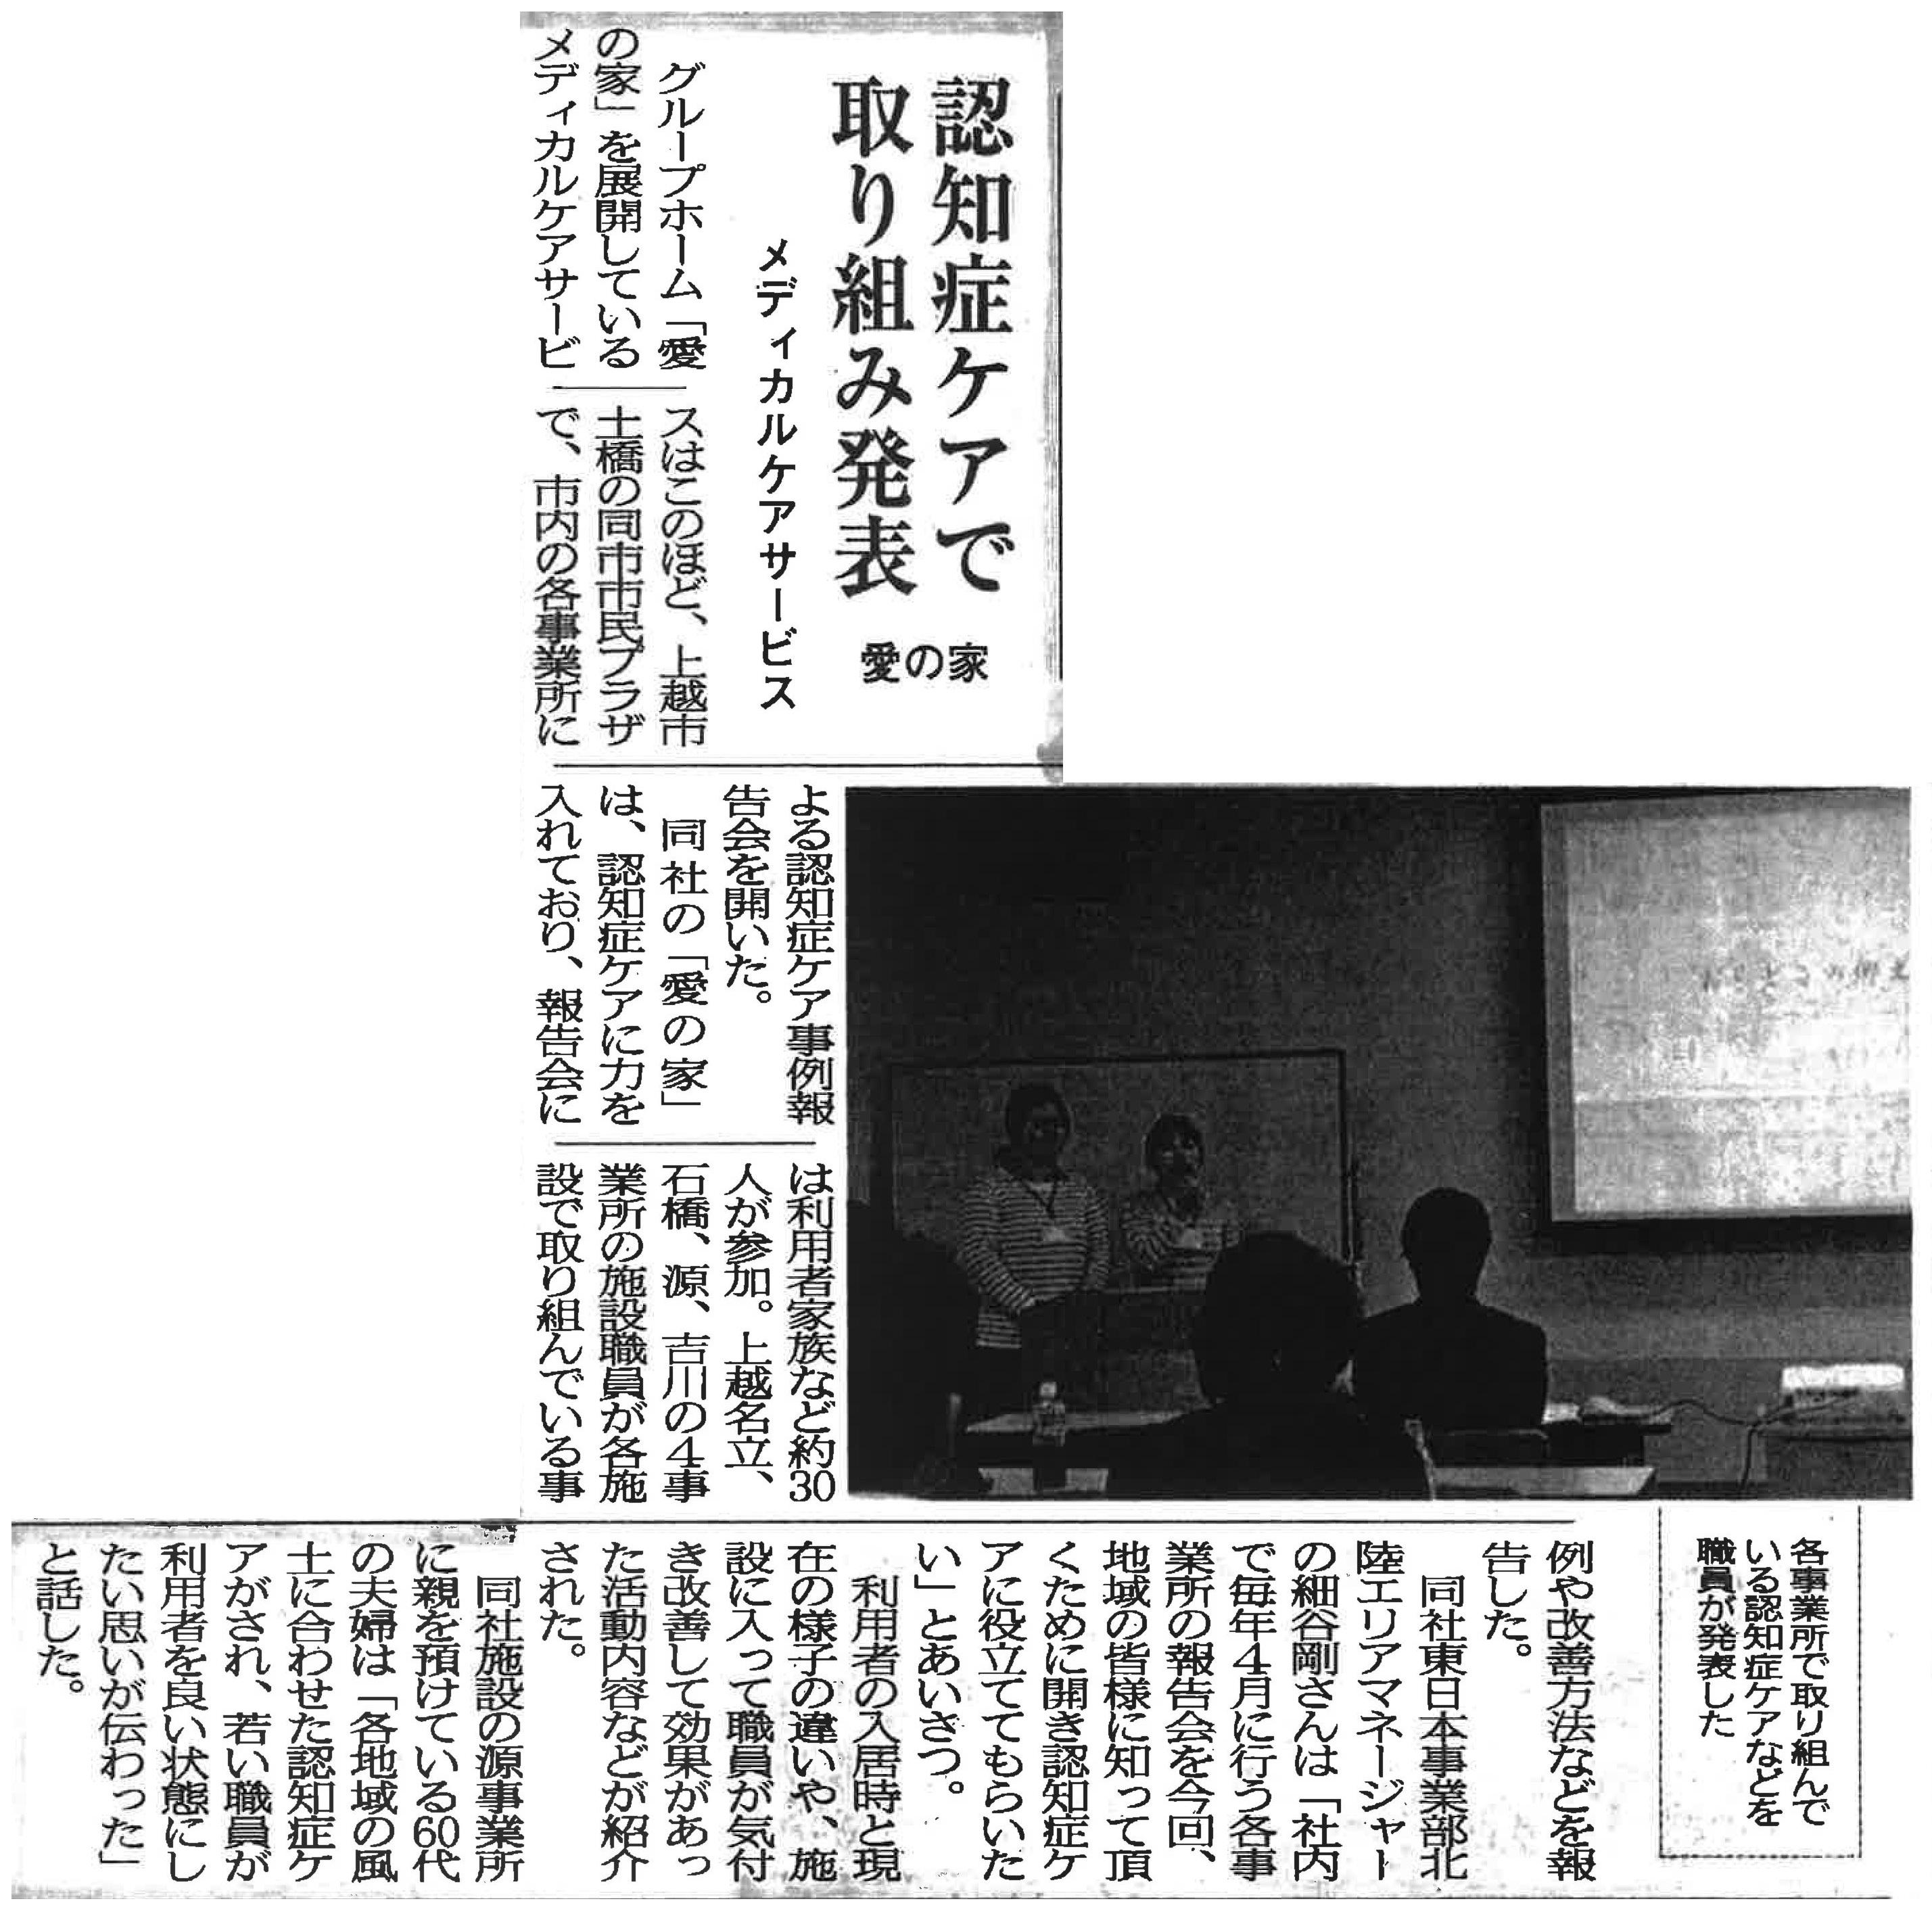 161115_上越タイムス_事例報告会